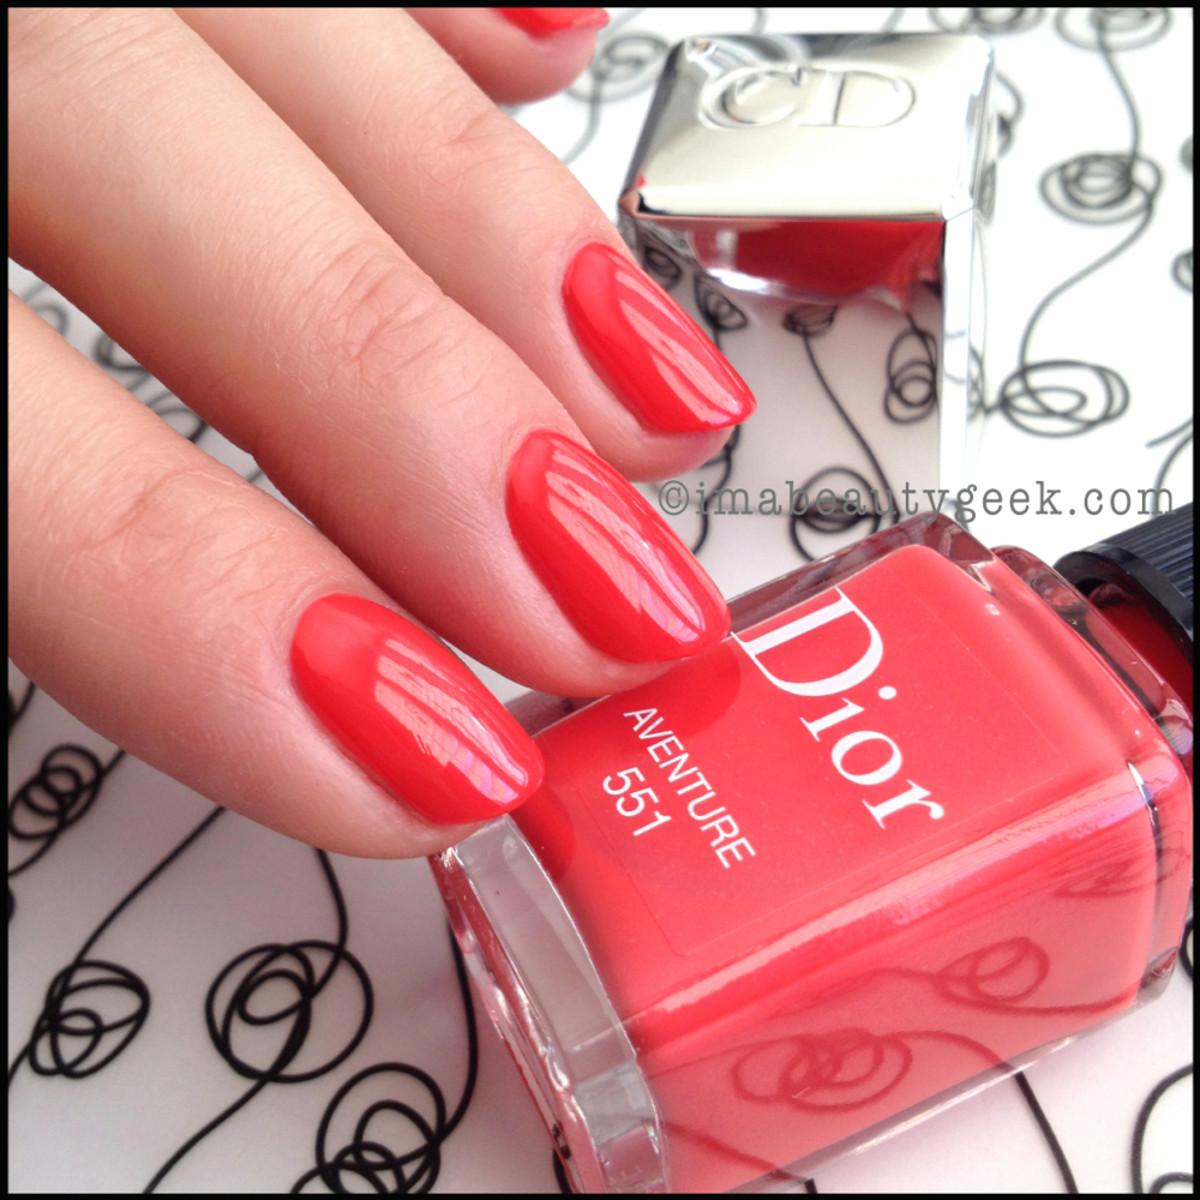 Dior polish Aventure 551_Dior Gel Shine